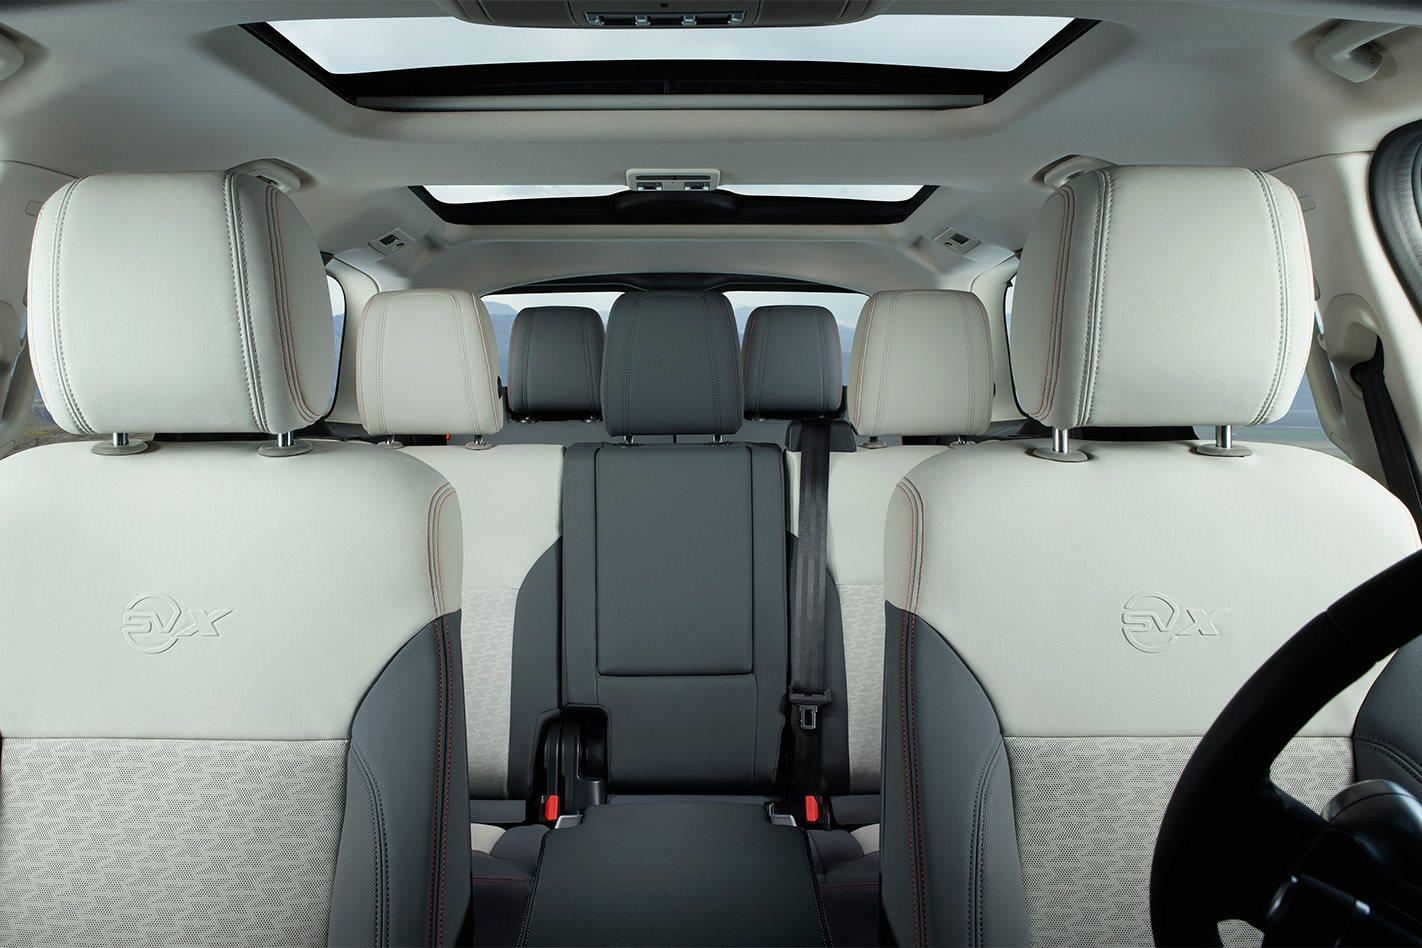 Land Rover Discovery SVX interior